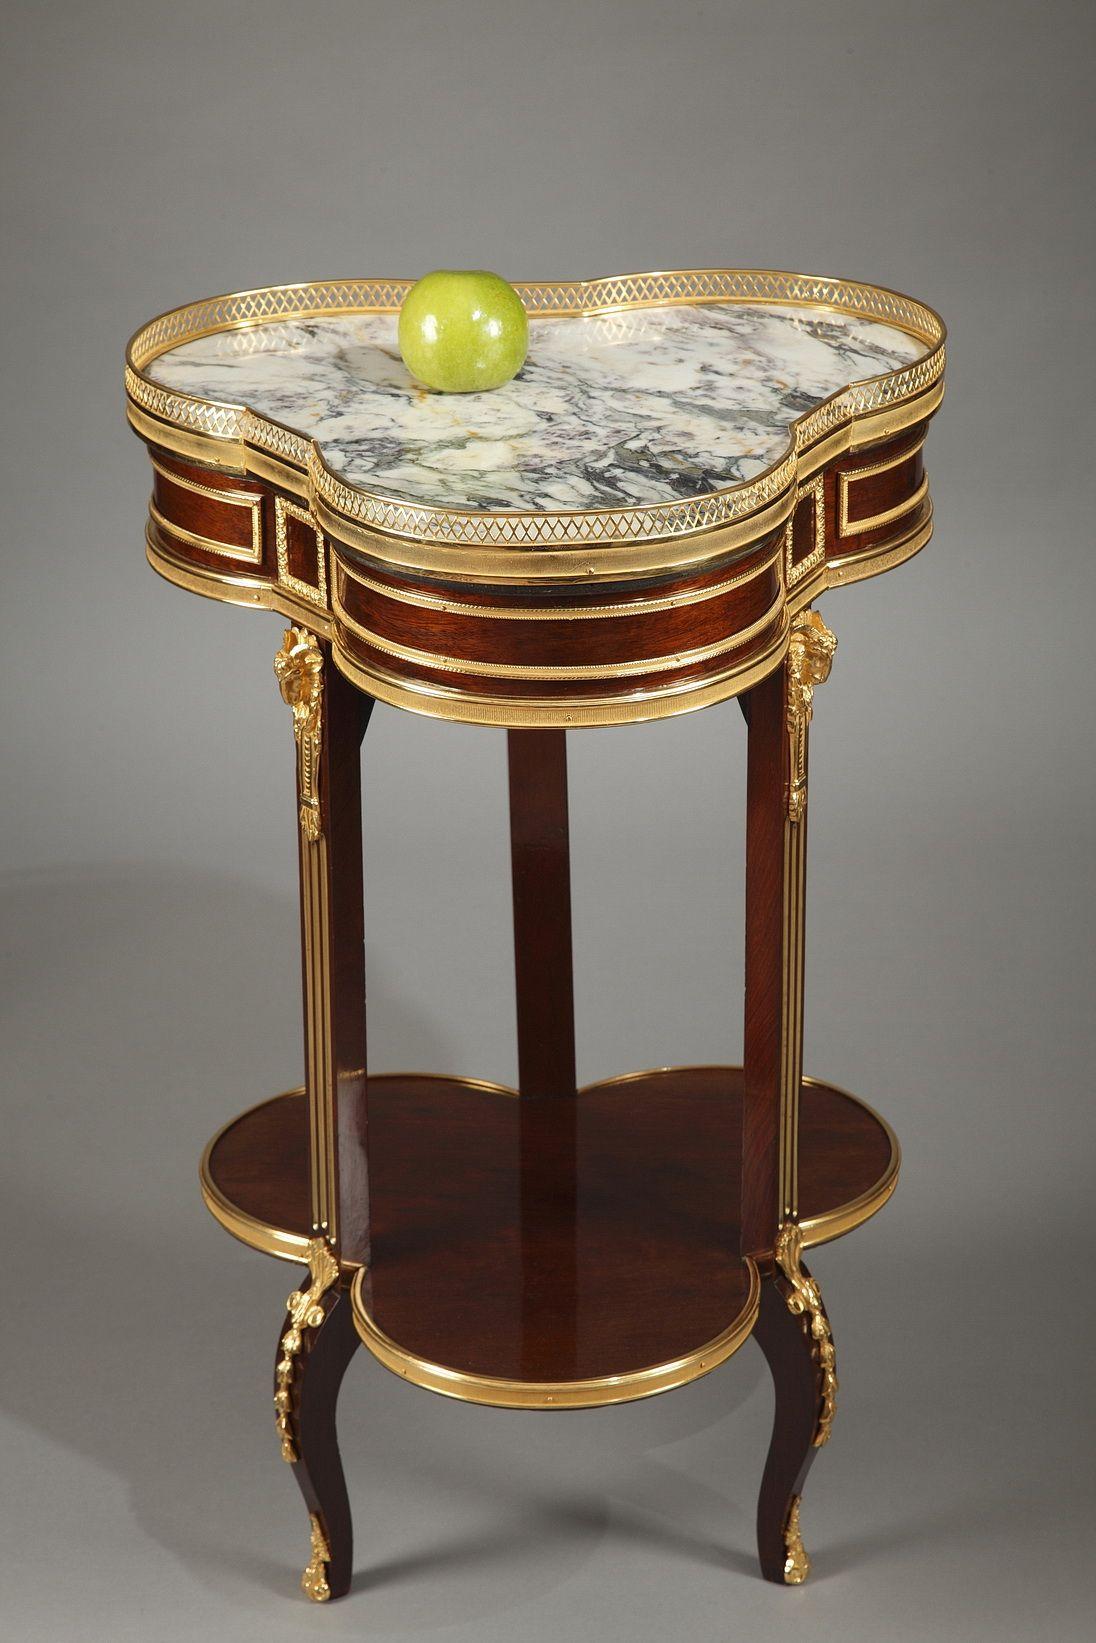 Table Volante En Acajou De Style Transition Xixe Siecle Bronze Decor Mahogany Table Eclectic Furniture